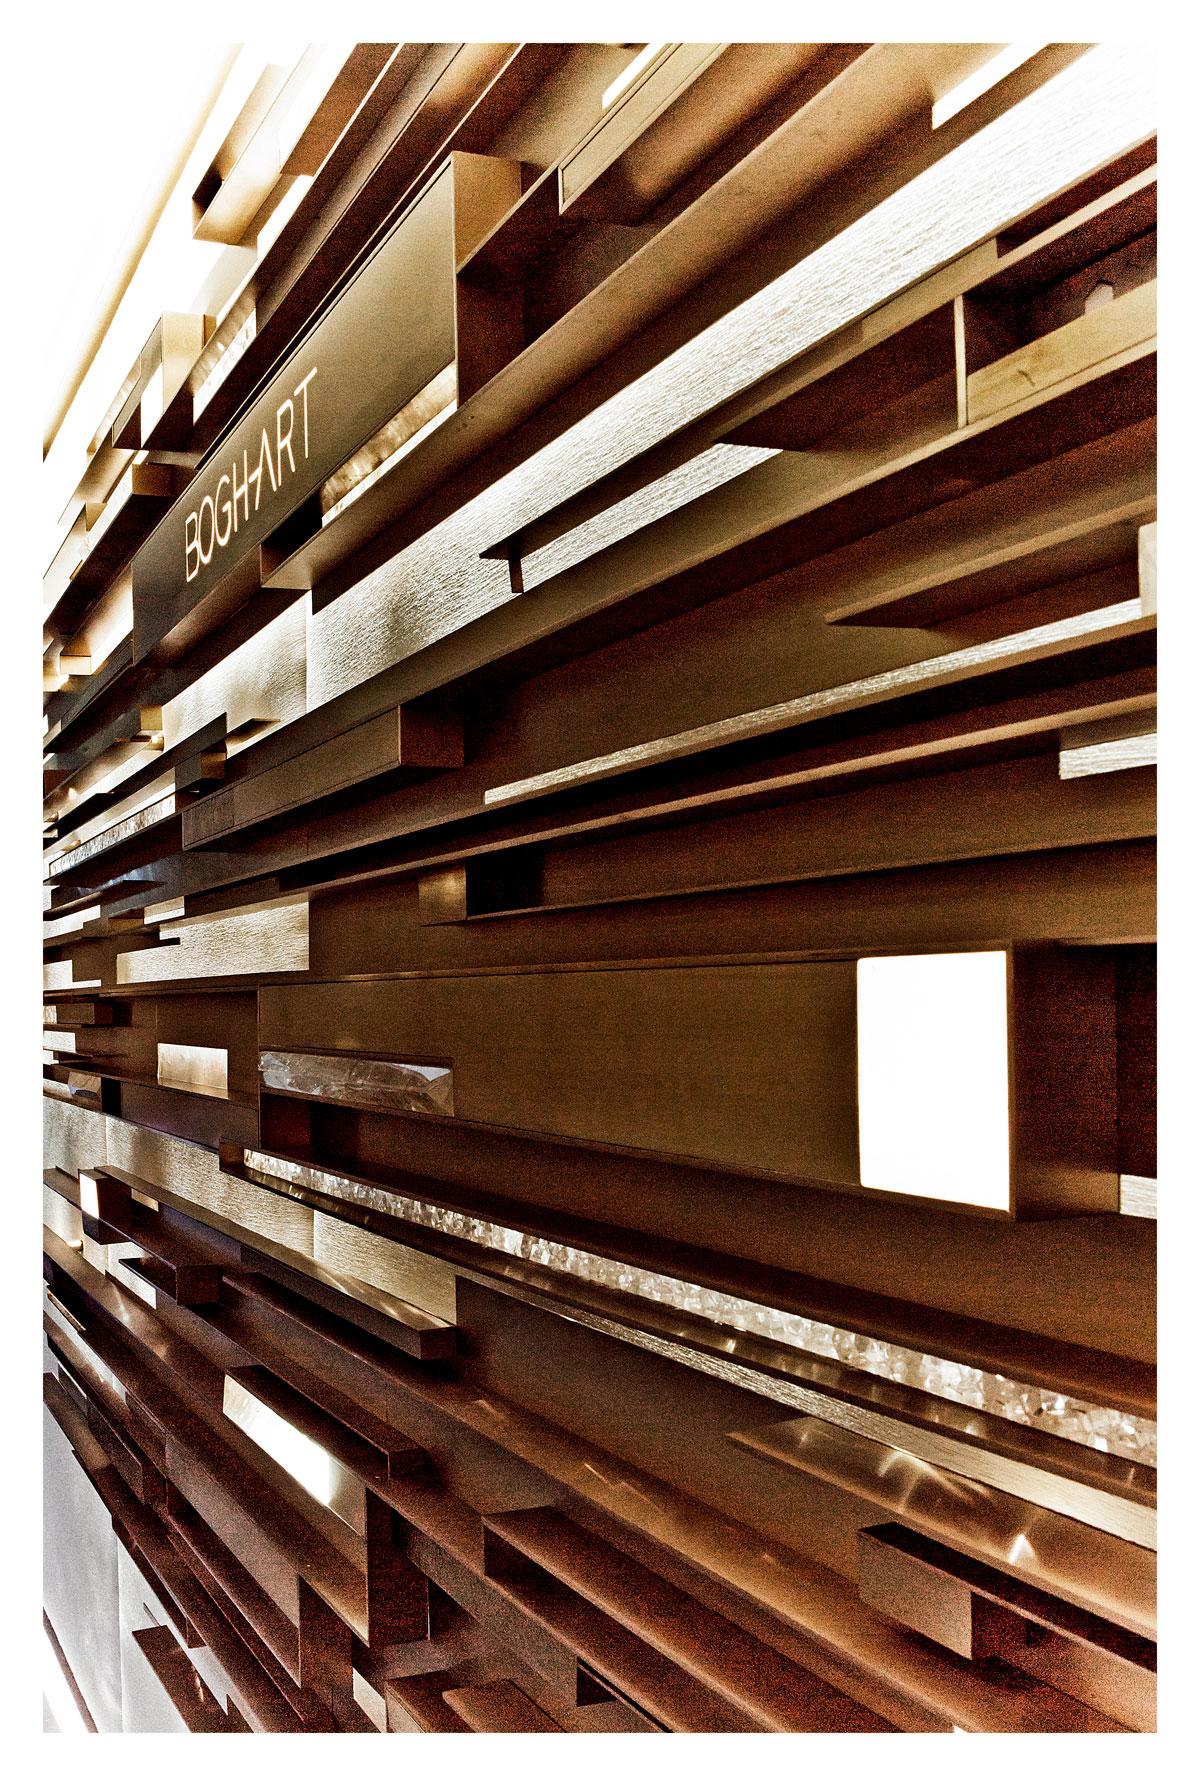 Serge-castella-interiors-boutique-07